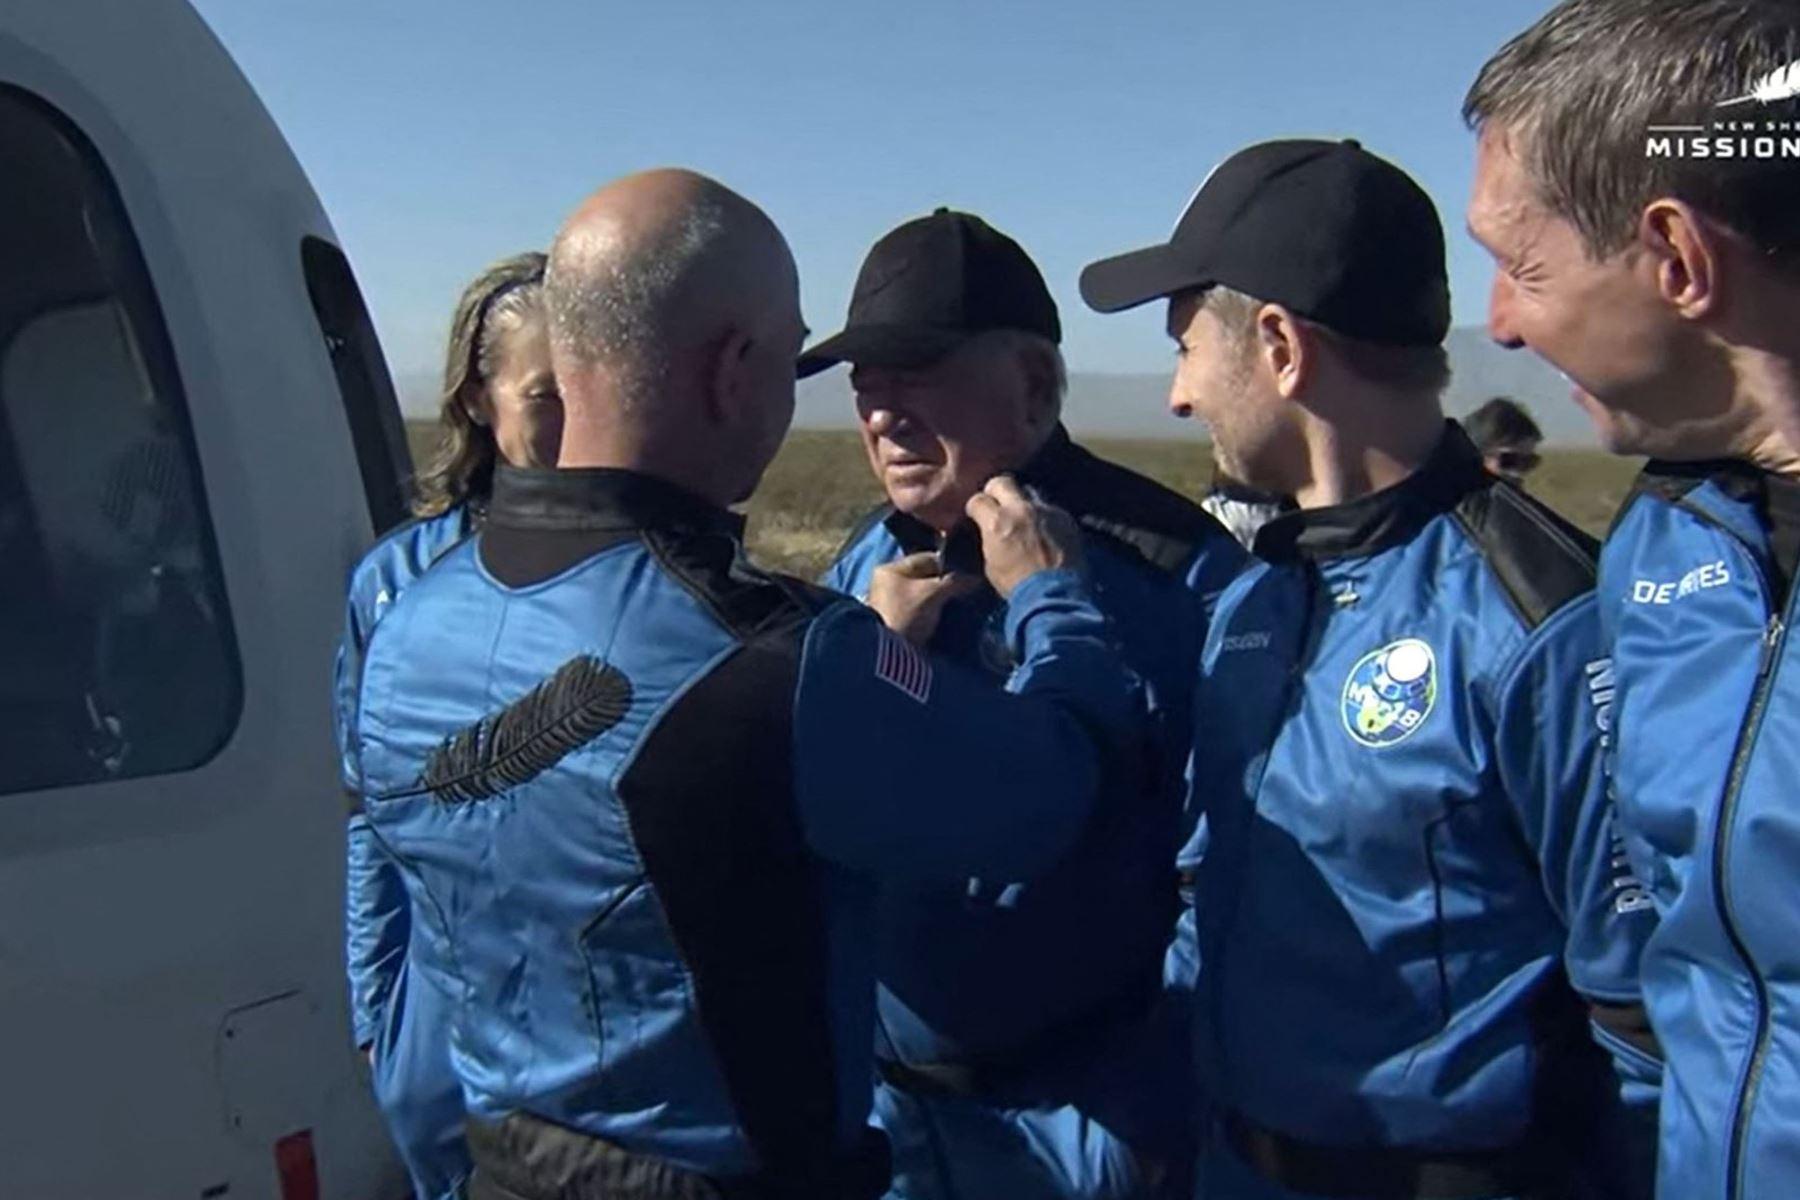 """Miembros de la tripulación de la misión New Shepard NS-18 (L-R), Vicepresidente de Operaciones de Misión y Vuelo de Blue Origin; El actor de """"Star Trek"""", William Shatner y el cofundador de Medidata Solutions, Glen de Vries, viajan a la plataforma de lanzamiento, antes de despegar desde la región del oeste de Texas, a 40 kilómetros al norte de Van Horn.: Foto: AFP"""